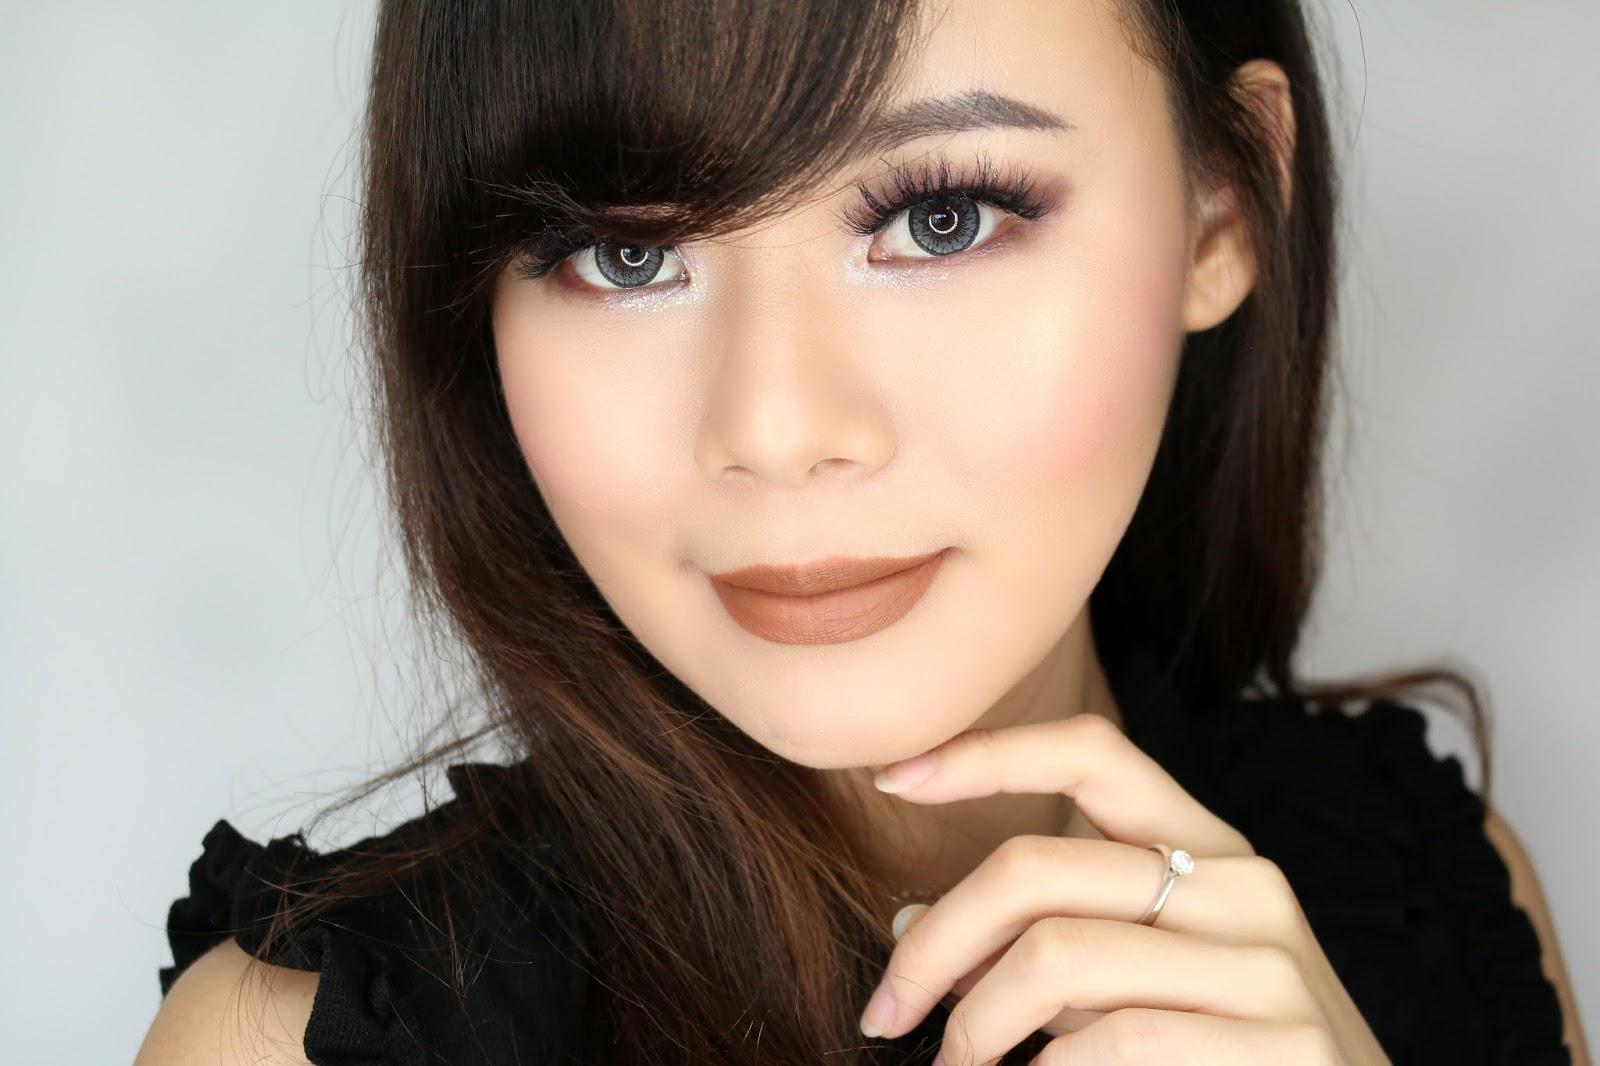 emina, emina cosmetics, emina cream matte, emina liquid lipstick, liquid lipstick murah, liquid lipstick, indonesia, cream matte, review, lipstick